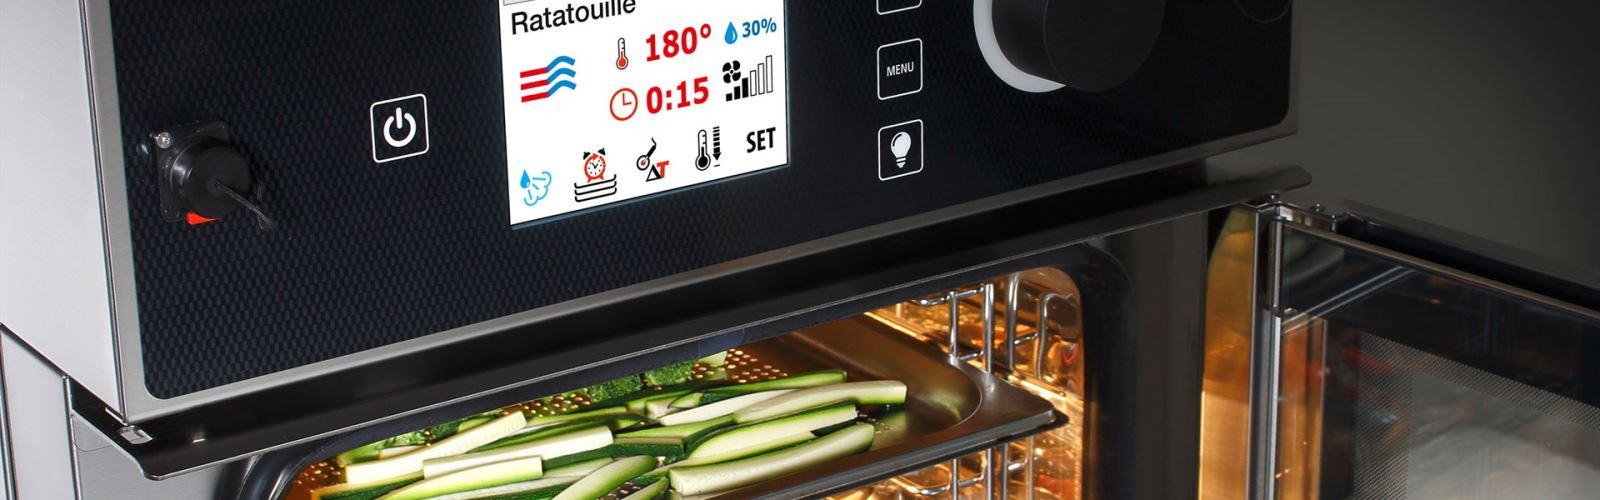 Forno combinato compatto combifit elettrico - Miglior forno combinato ...